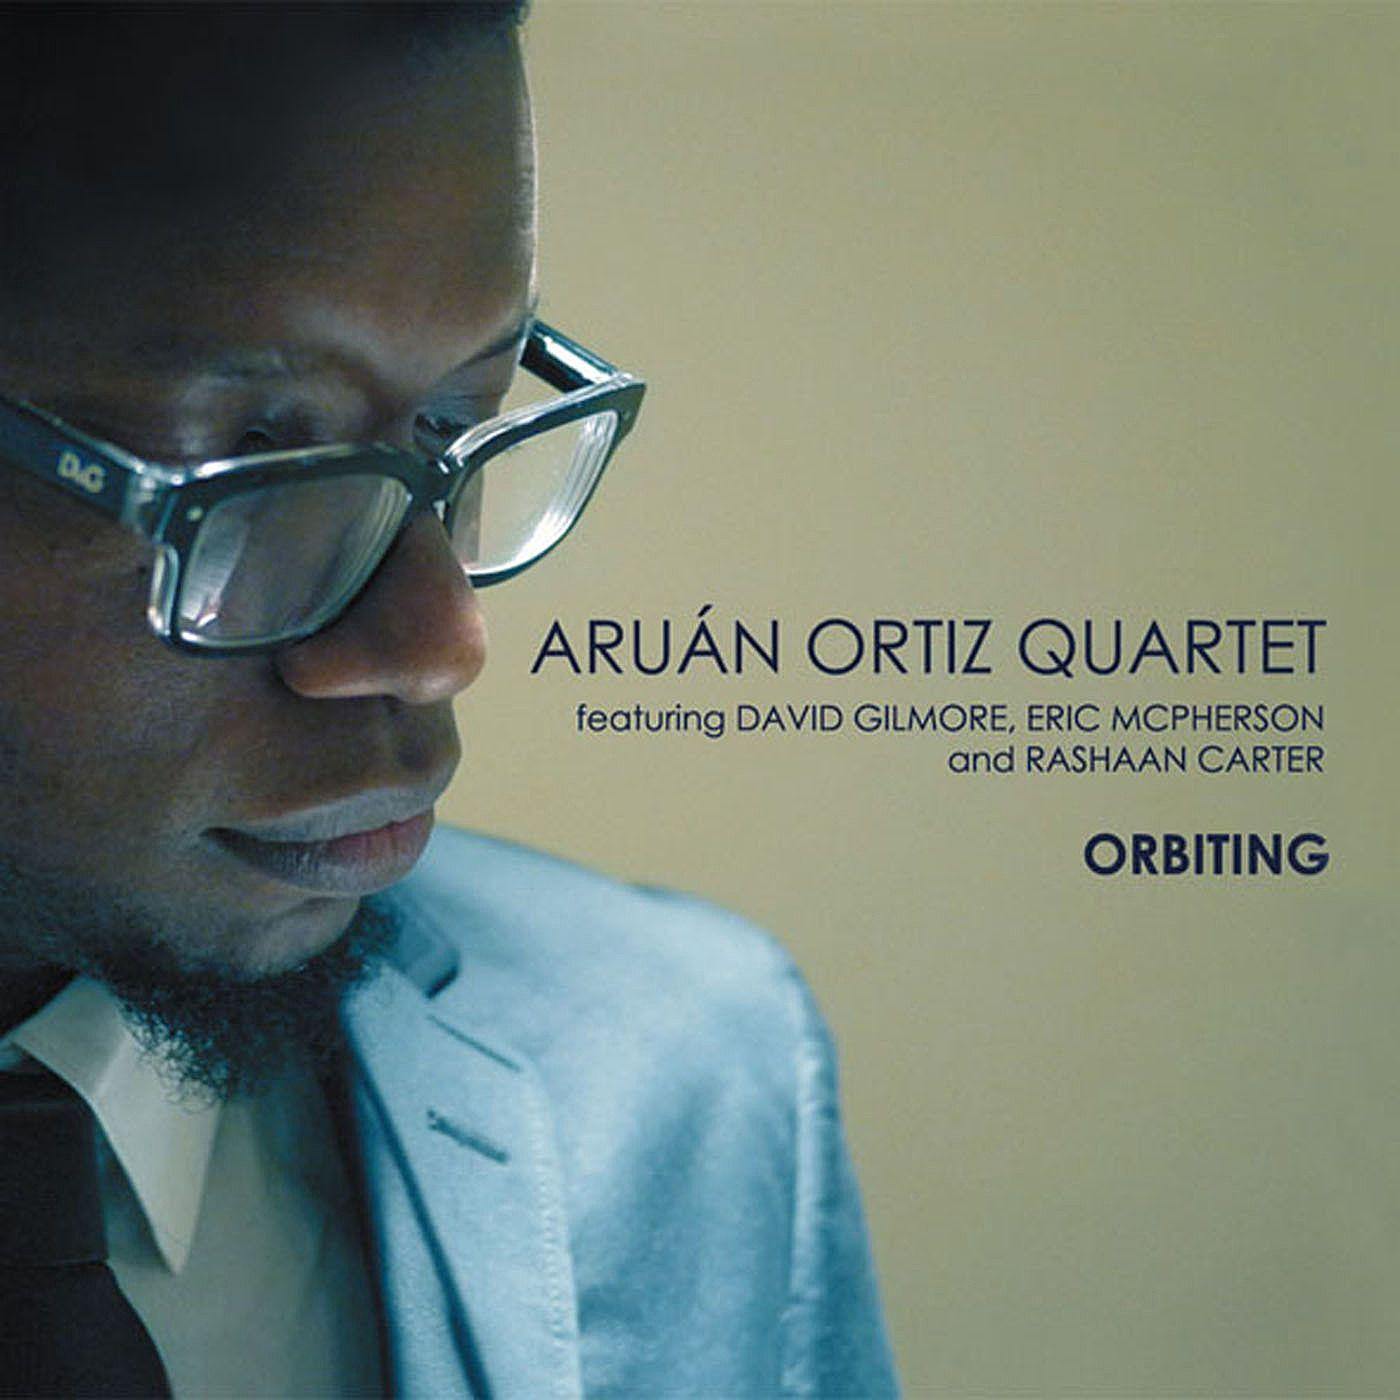 Aruán Ortiz Quartet Orbiting, 2012